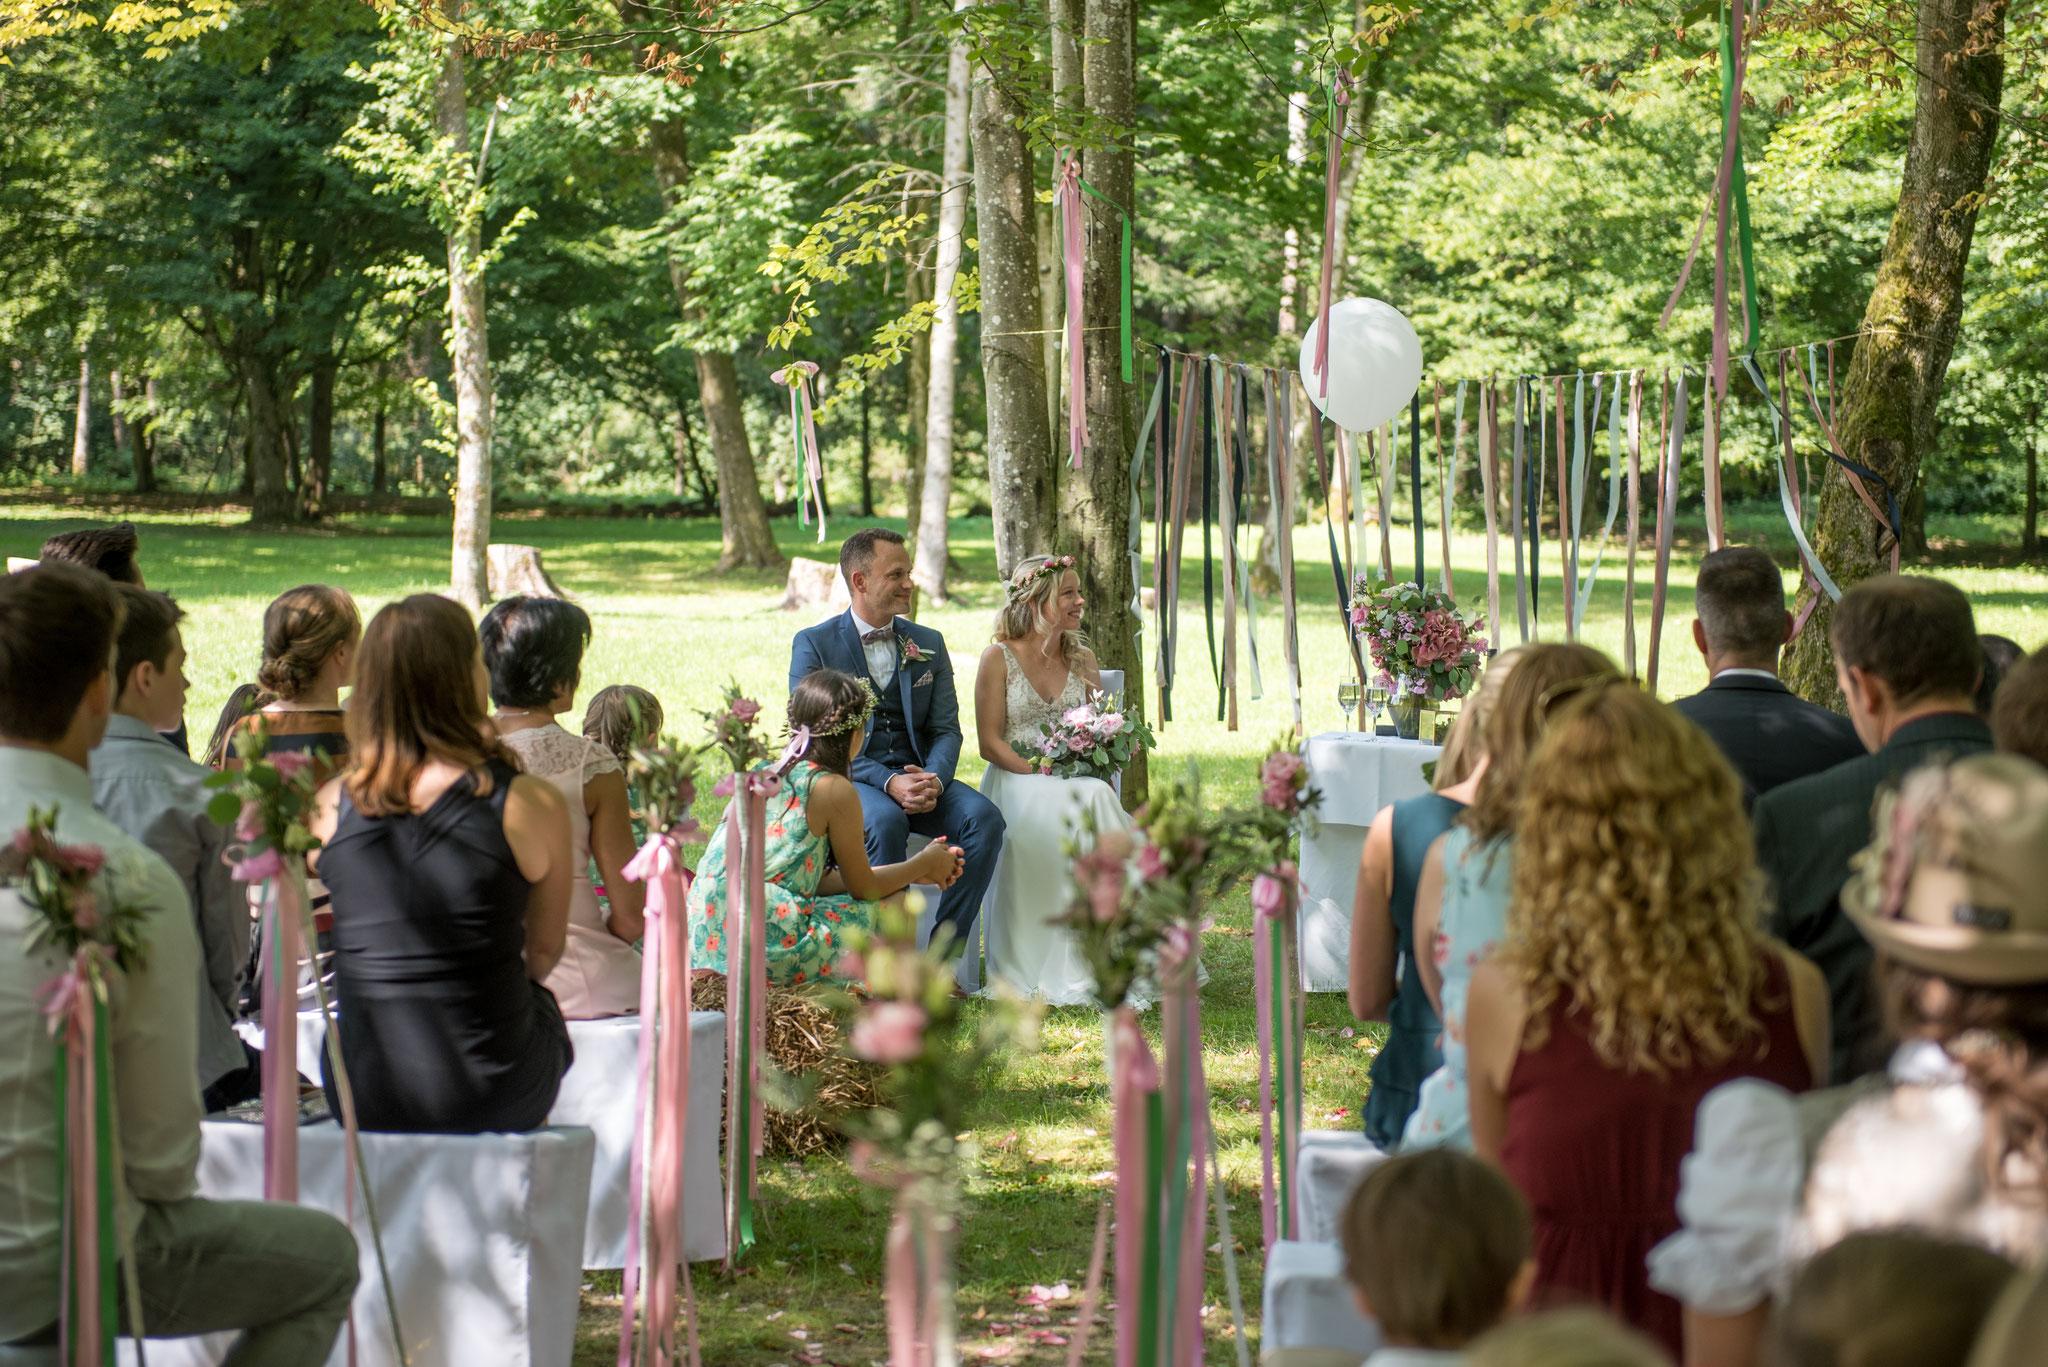 Gleich wird es spannend: Liebeserklärung und Ringwechsel folgen (Foto: Gabor Szeiler)